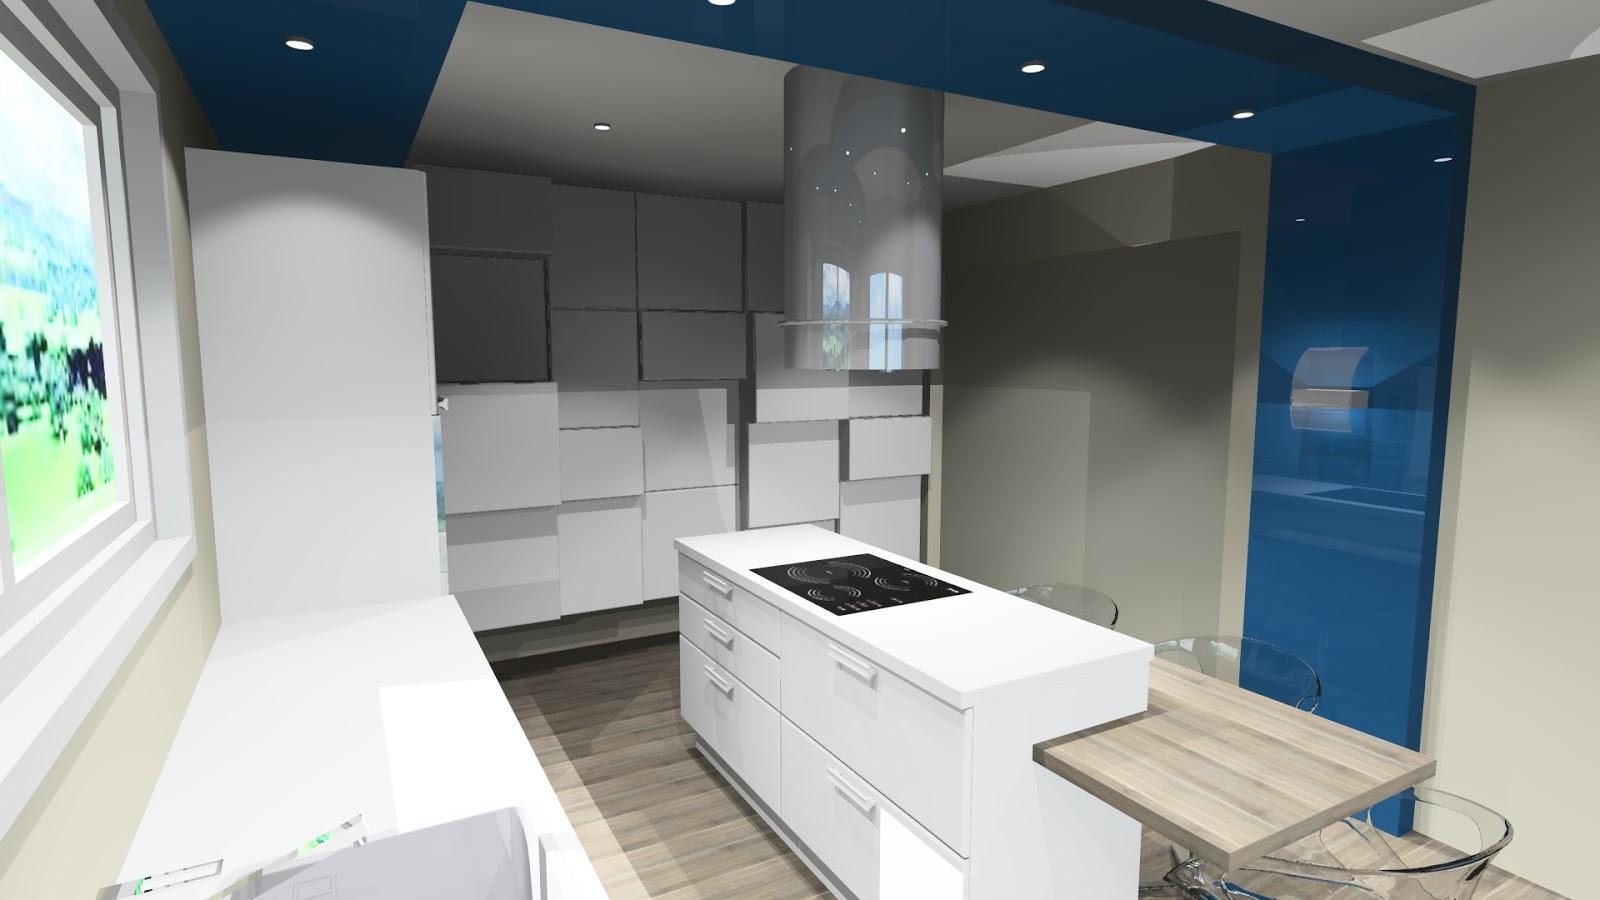 cuisine design blanche. Black Bedroom Furniture Sets. Home Design Ideas